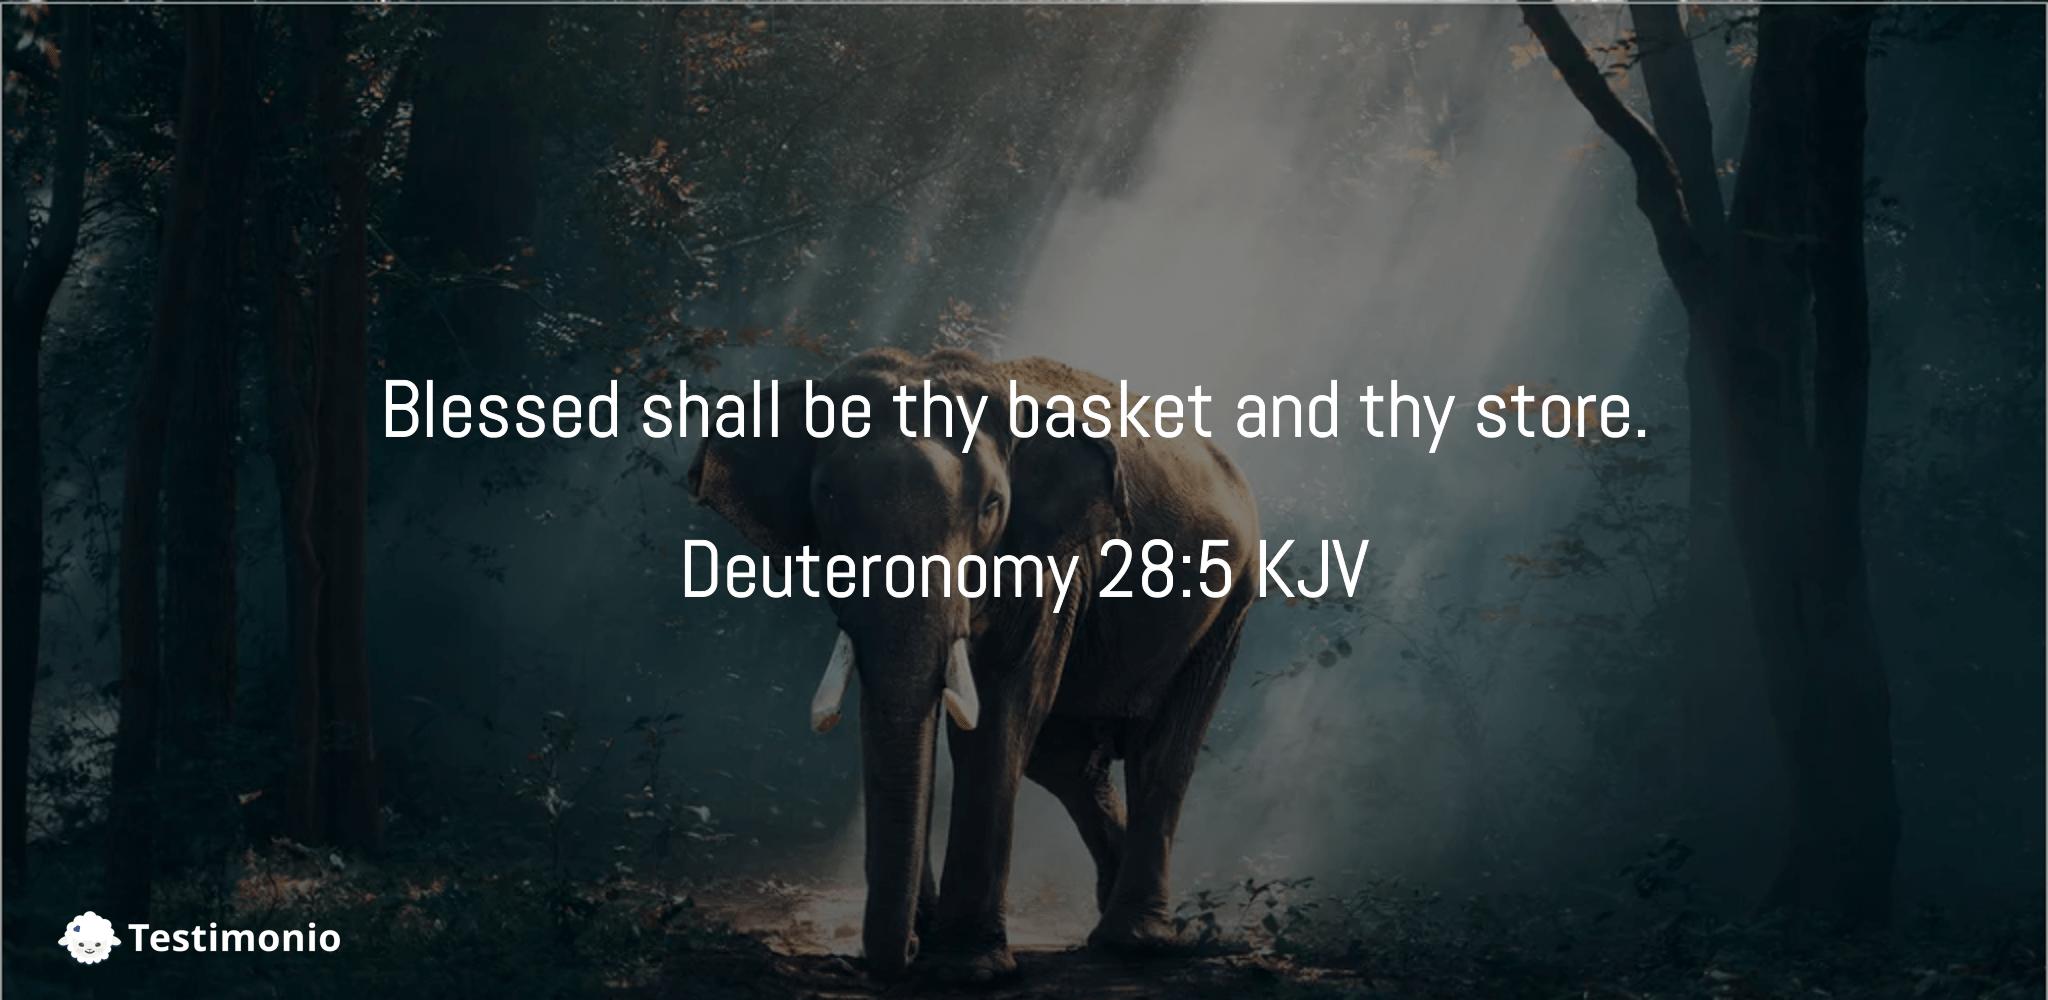 Deuteronomy 28:1-5